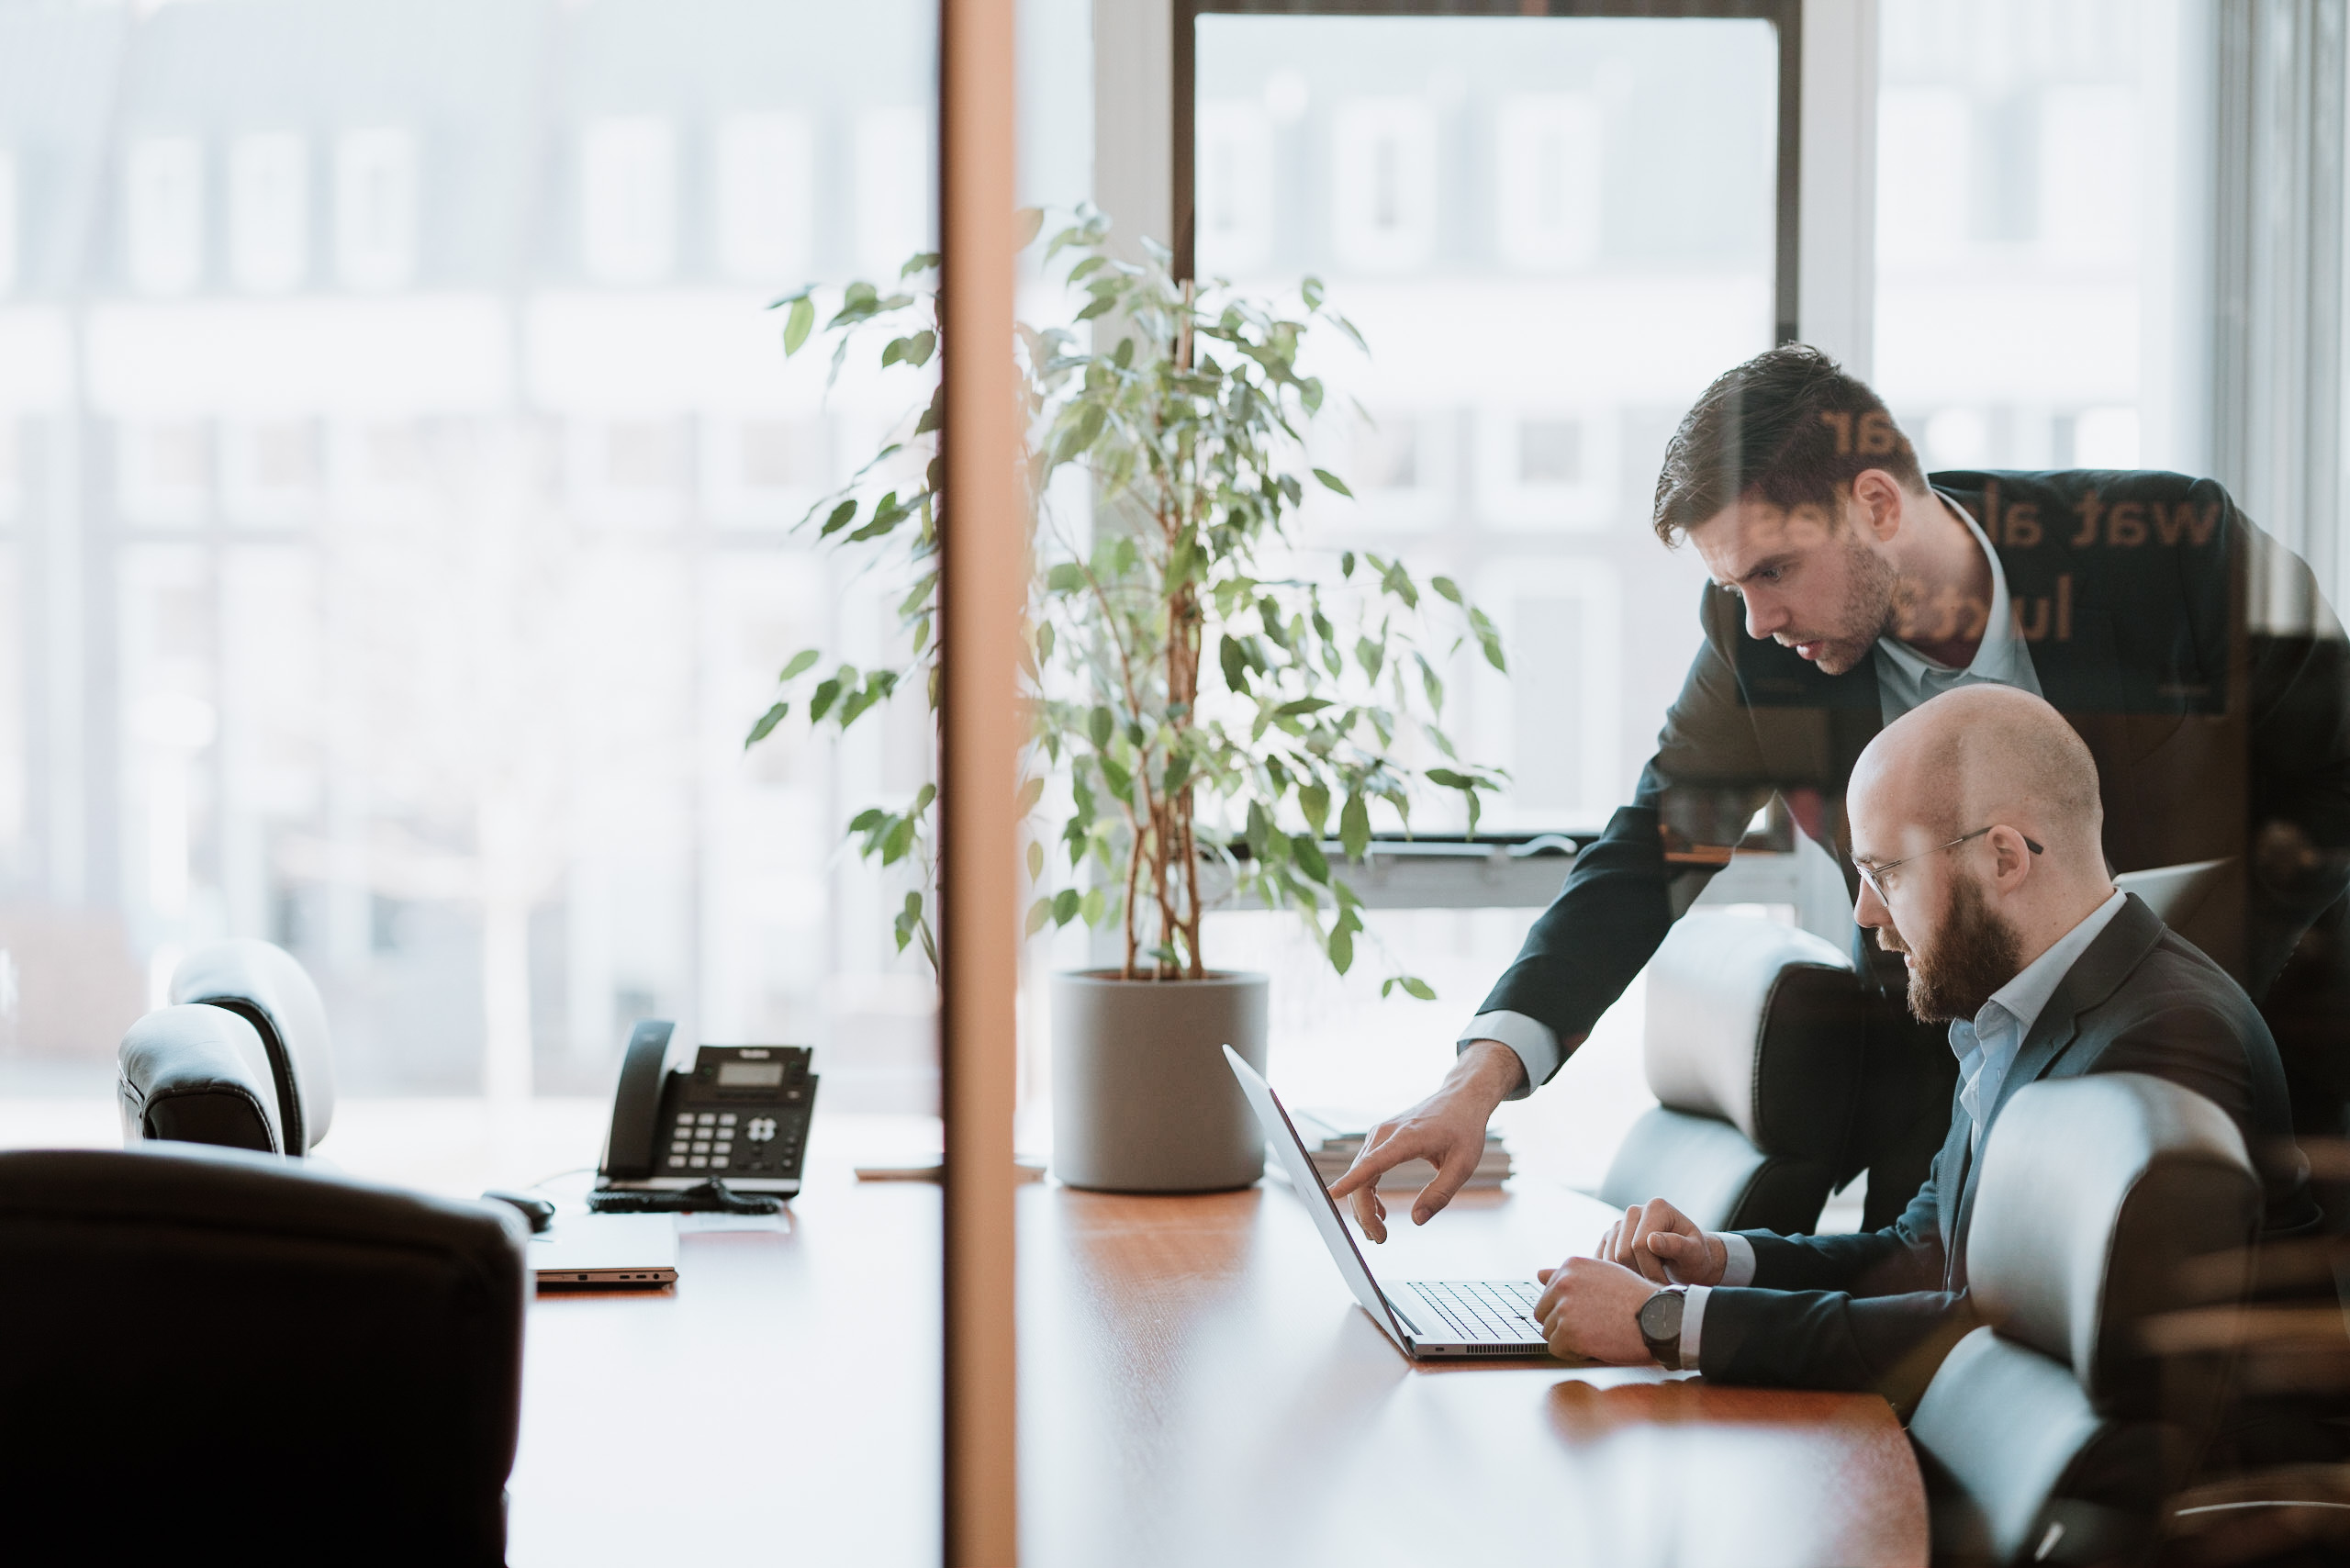 digital asset management platform